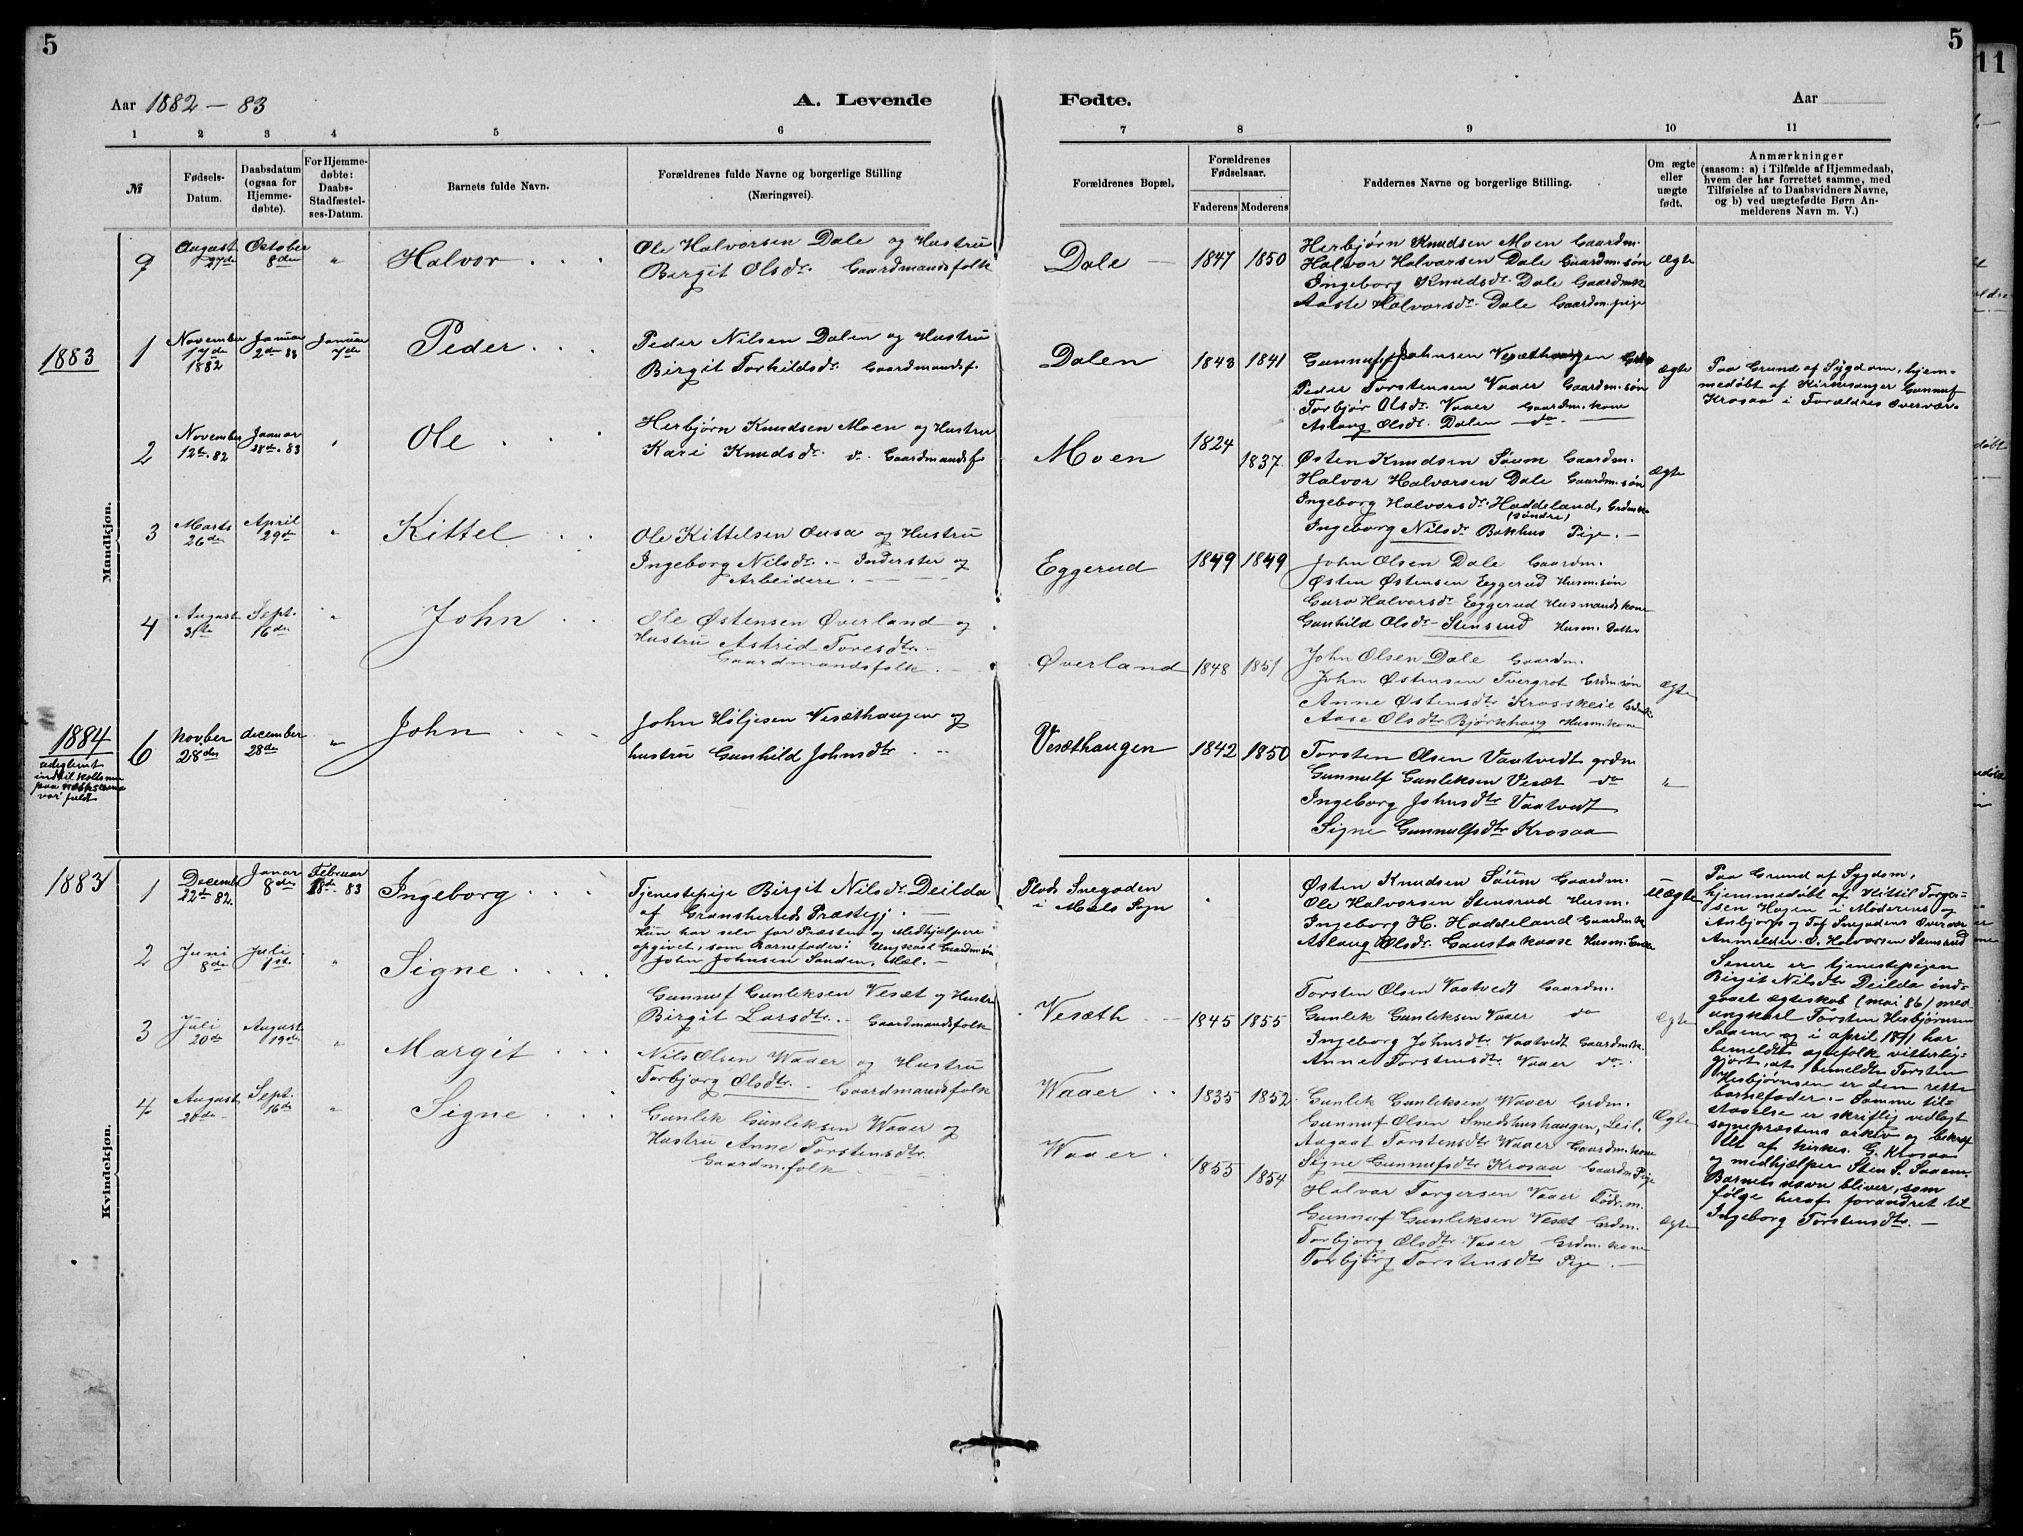 SAKO, Rjukan kirkebøker, G/Ga/L0001: Klokkerbok nr. 1, 1880-1914, s. 5